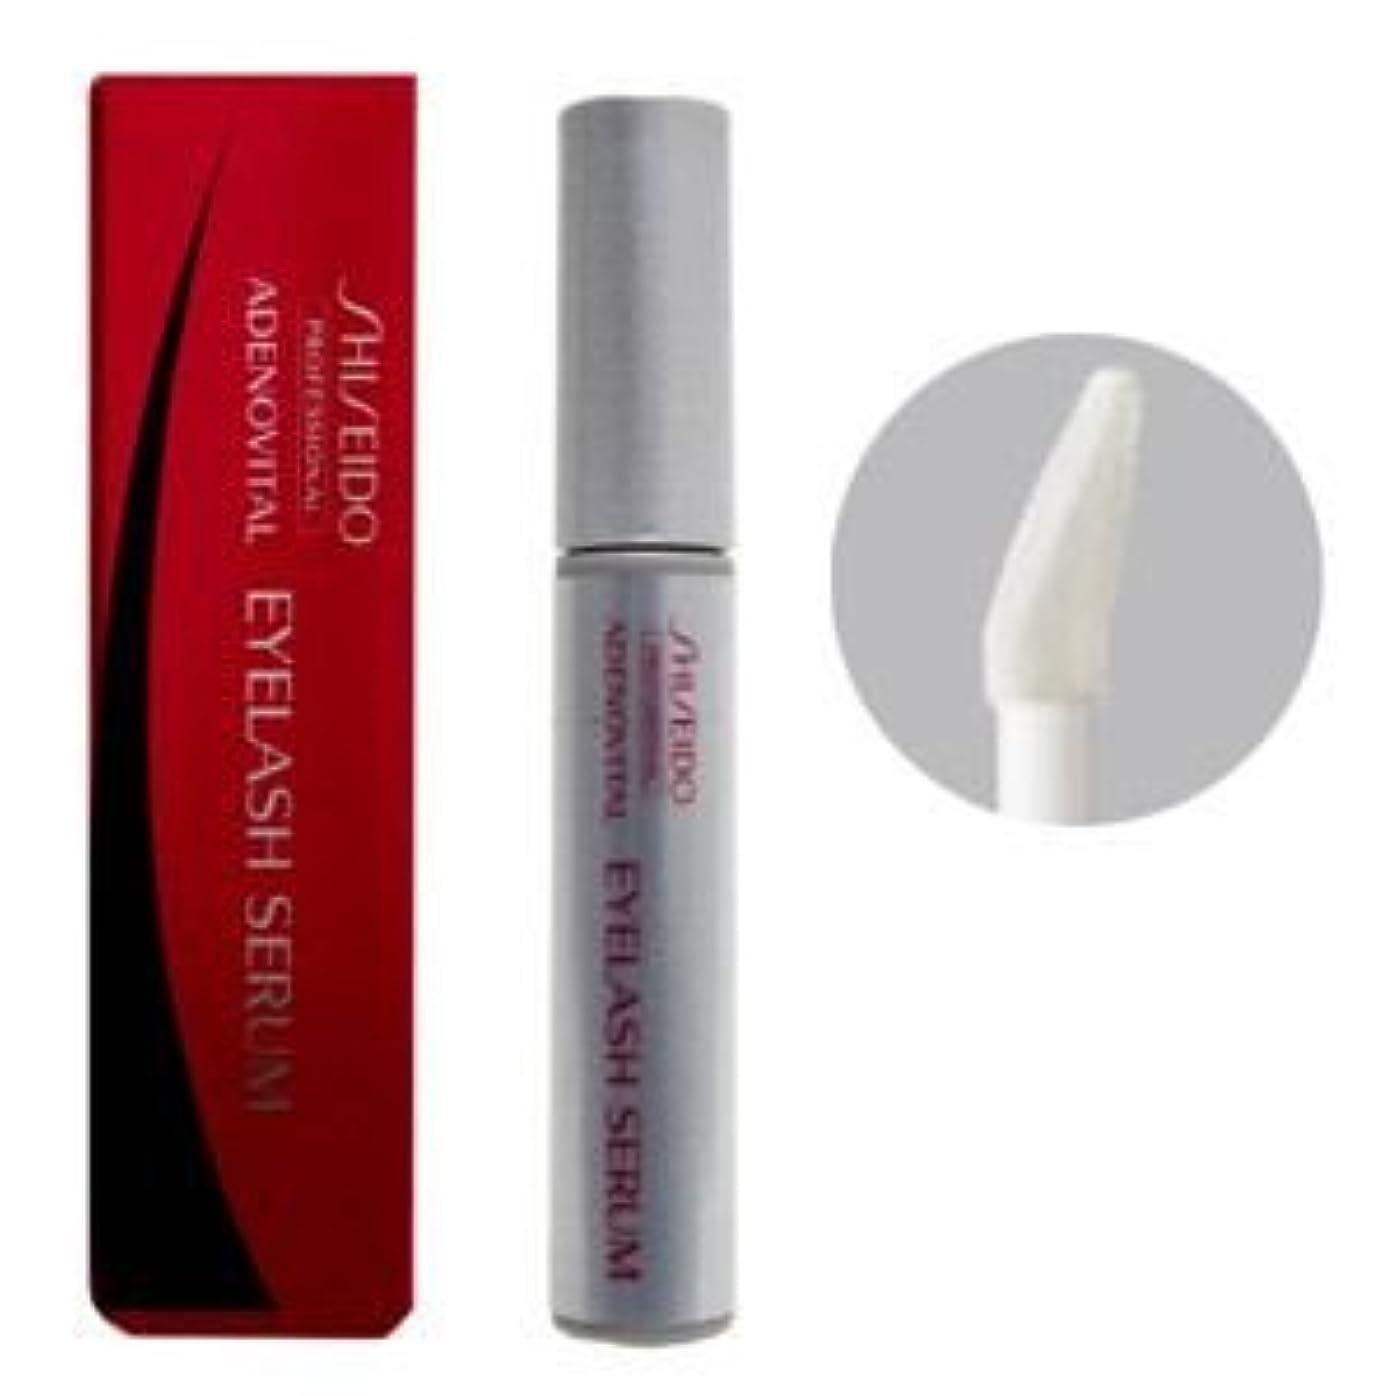 海外で責任リフレッシュ資生堂 shiseido アデノバイタル まつ毛用美容液 6g